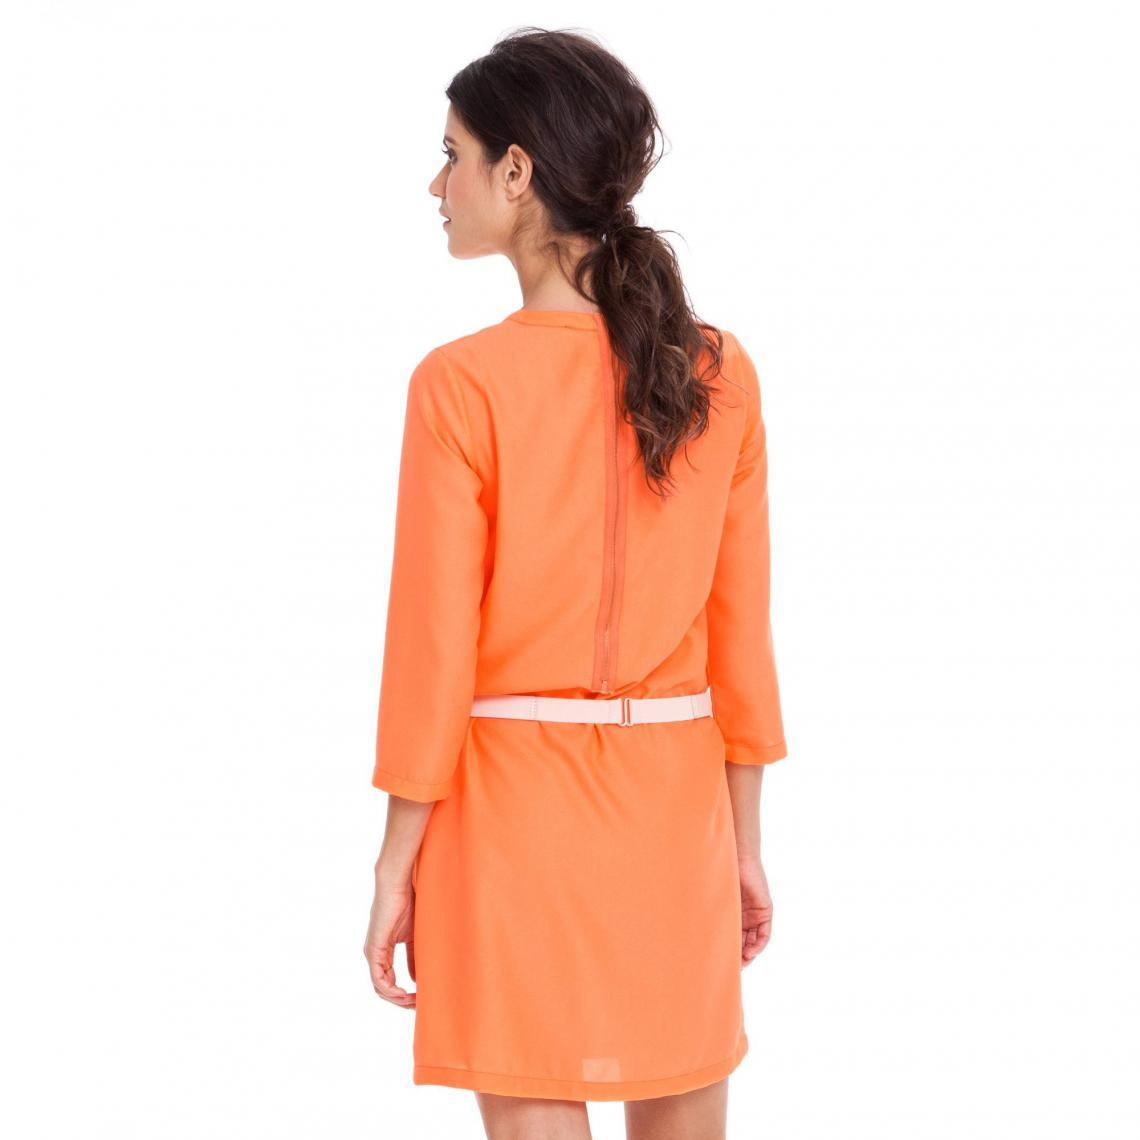 afc560d16ee68 Robe housse manches longues fluide ample femme - Orange | 3 SUISSES